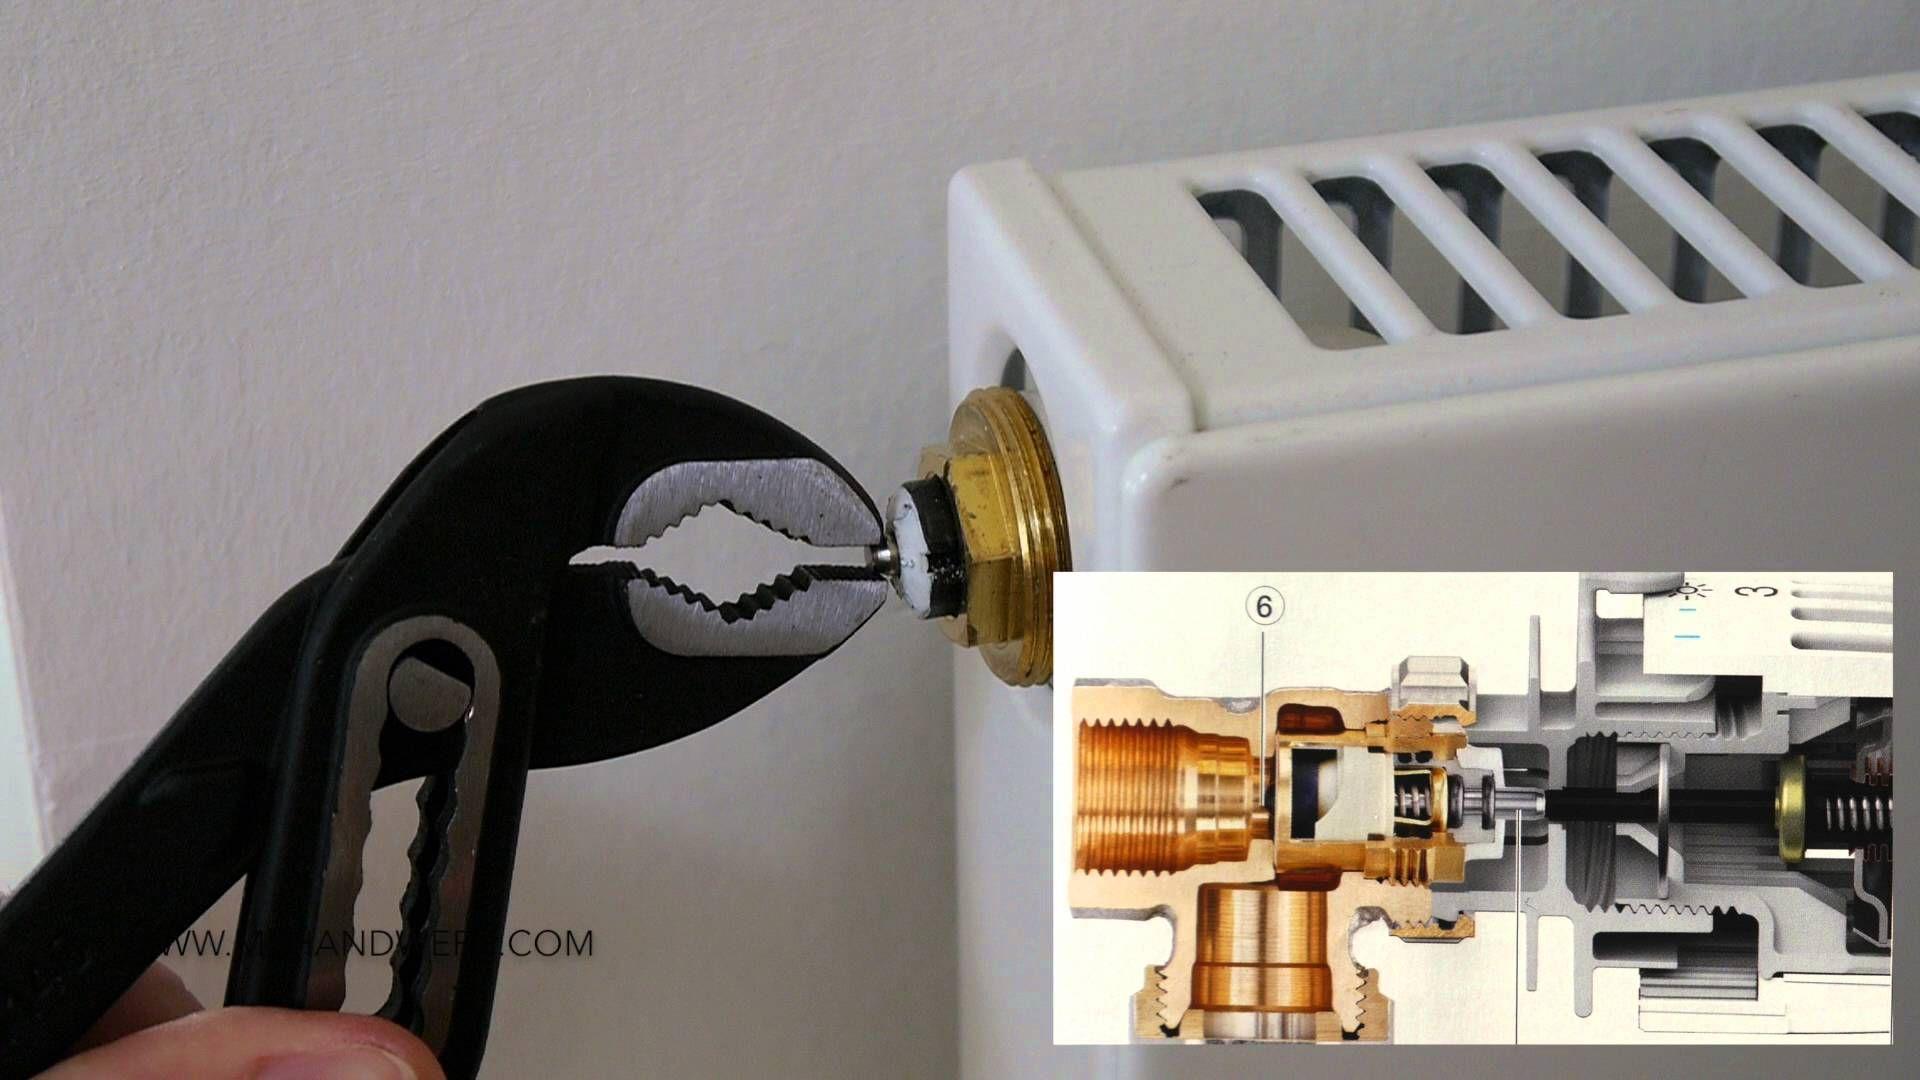 Heizung Thermostat Kopf Funktion Wechsel Hompage Noch Nicht Verfugbar Thermostat Heizung Entluftung